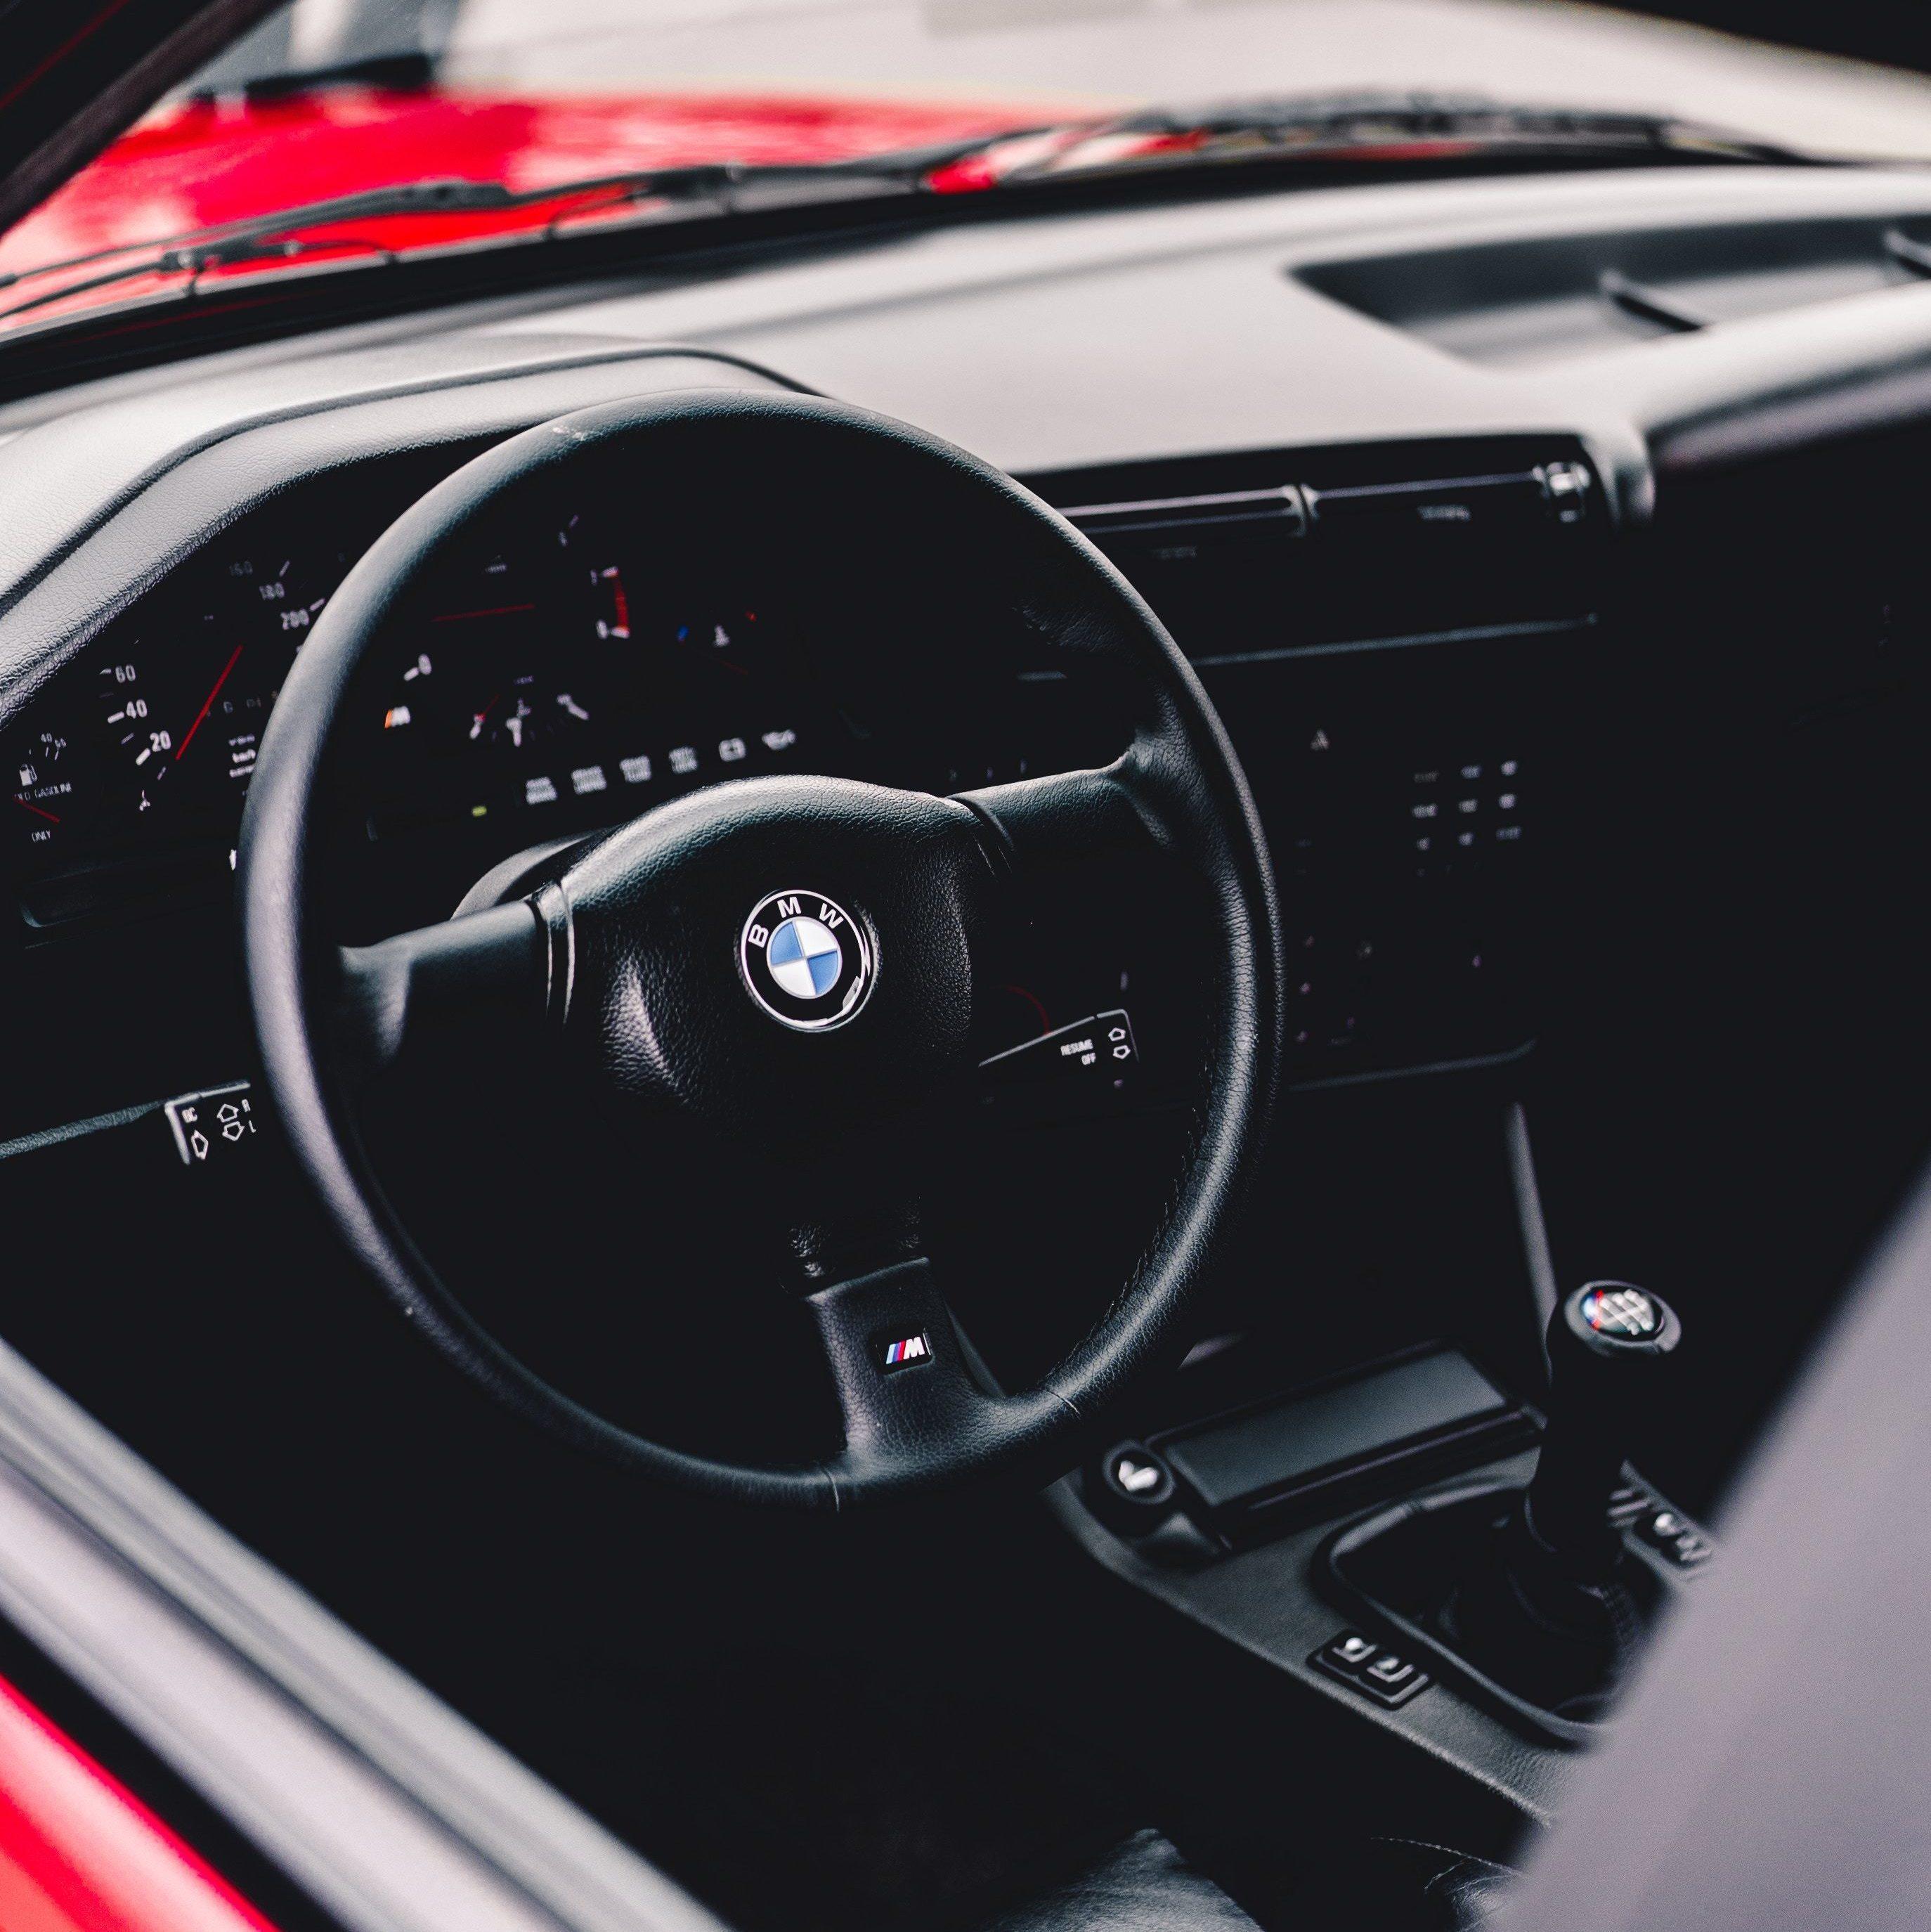 Der bayerische Autobauer BMW muss mehr als 86.500 Autos zurückrufen. Grund hierfür seien fehlerhafte Airbags, die vorwiegend in 5er-Modellen der Baujahre 2002 - 2004 betreffen.